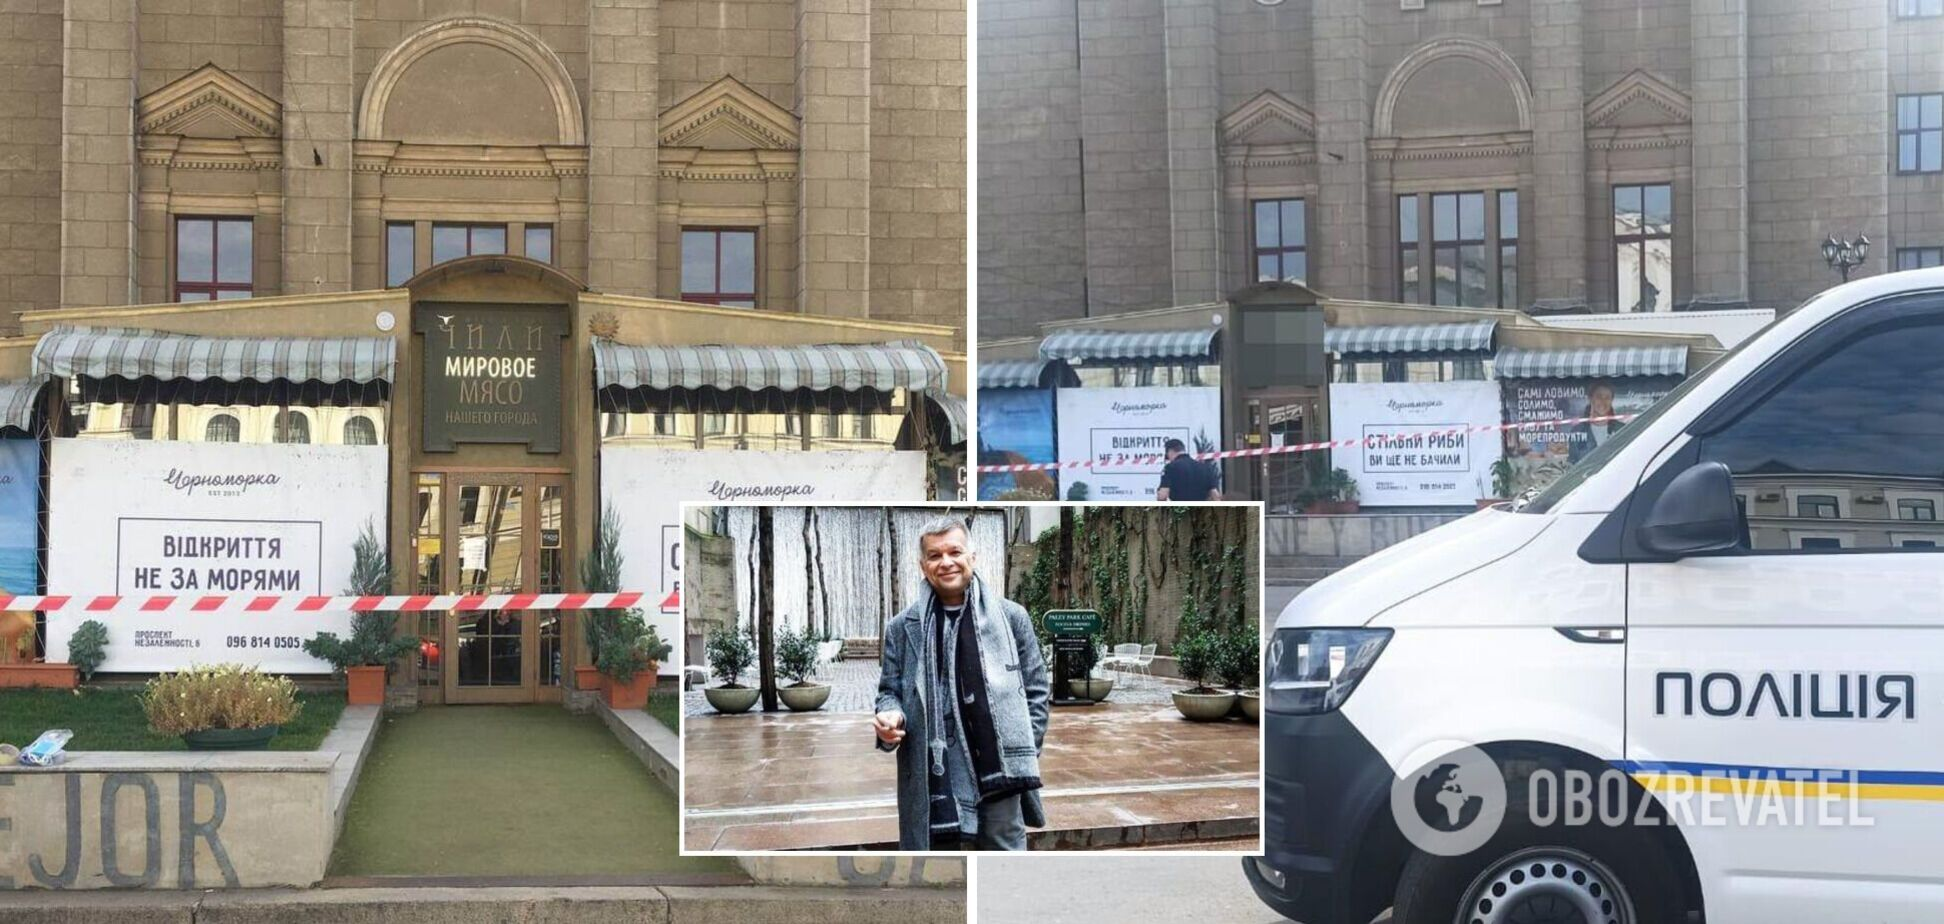 У Харкові застрелився відомий ресторатор: знайдено передсмертну записку. Фото та відео